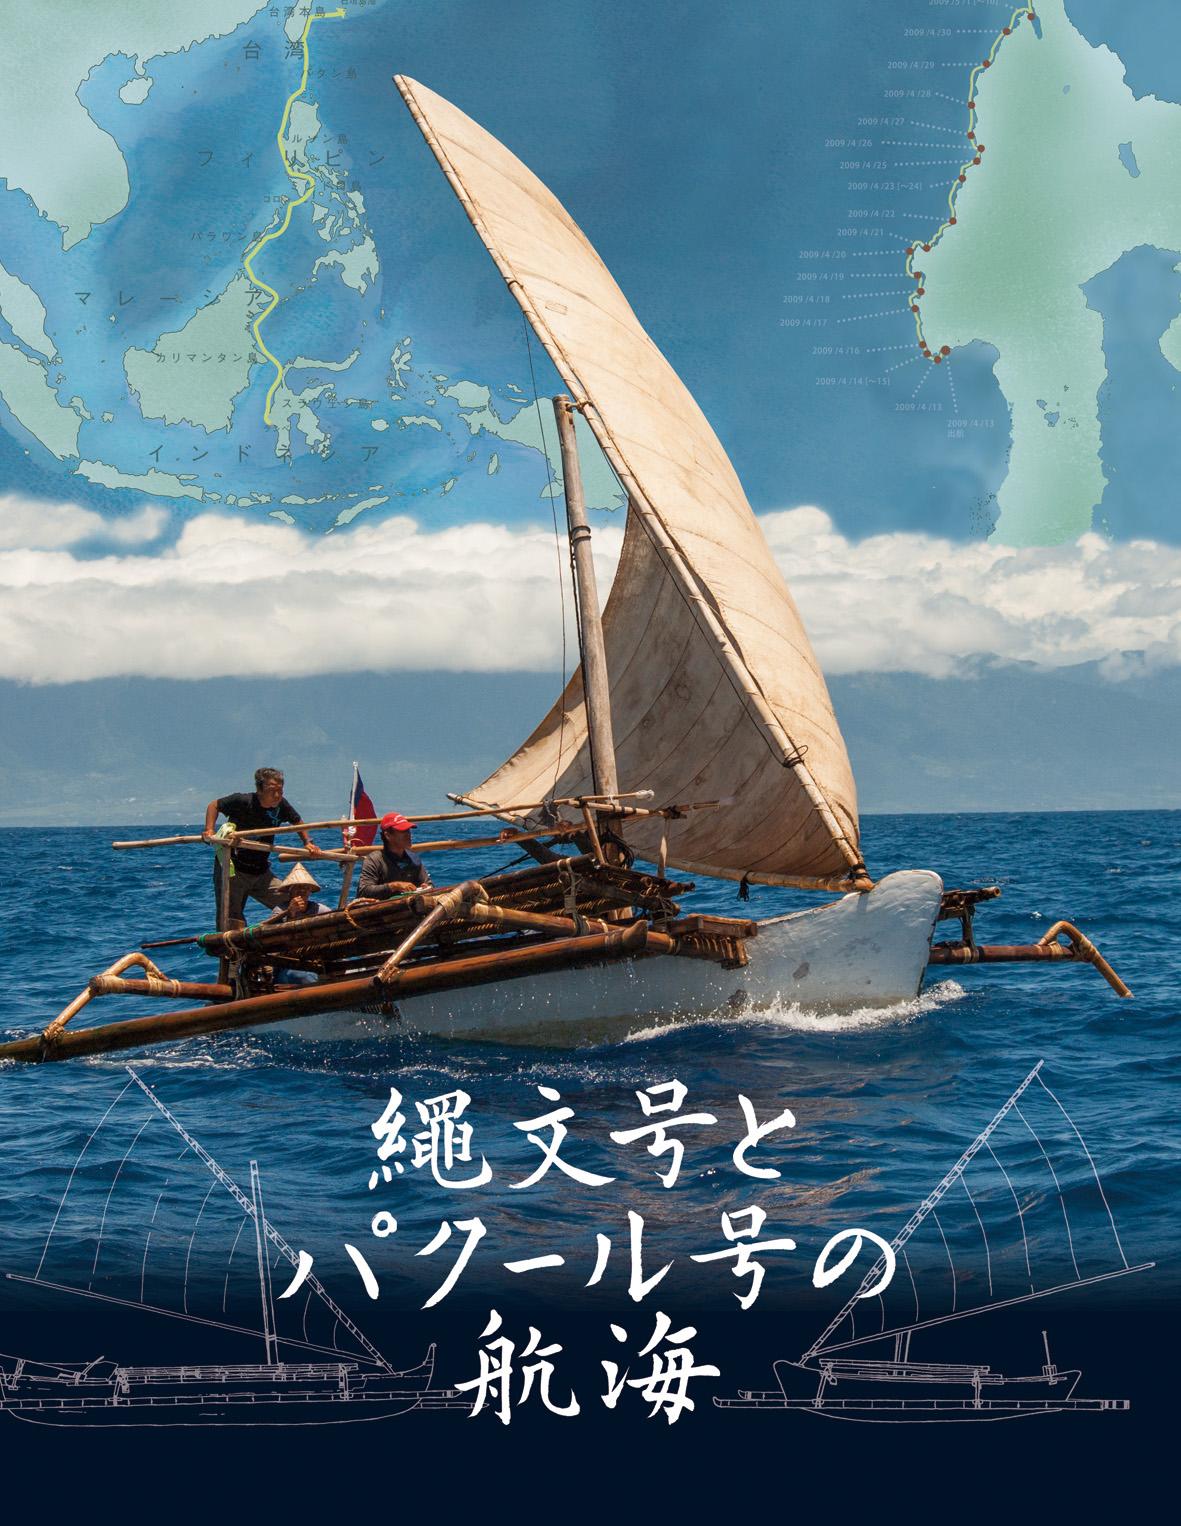 【9/30日】縄文号とパクール号の航海 映画上映会(会場:都筑民家園)